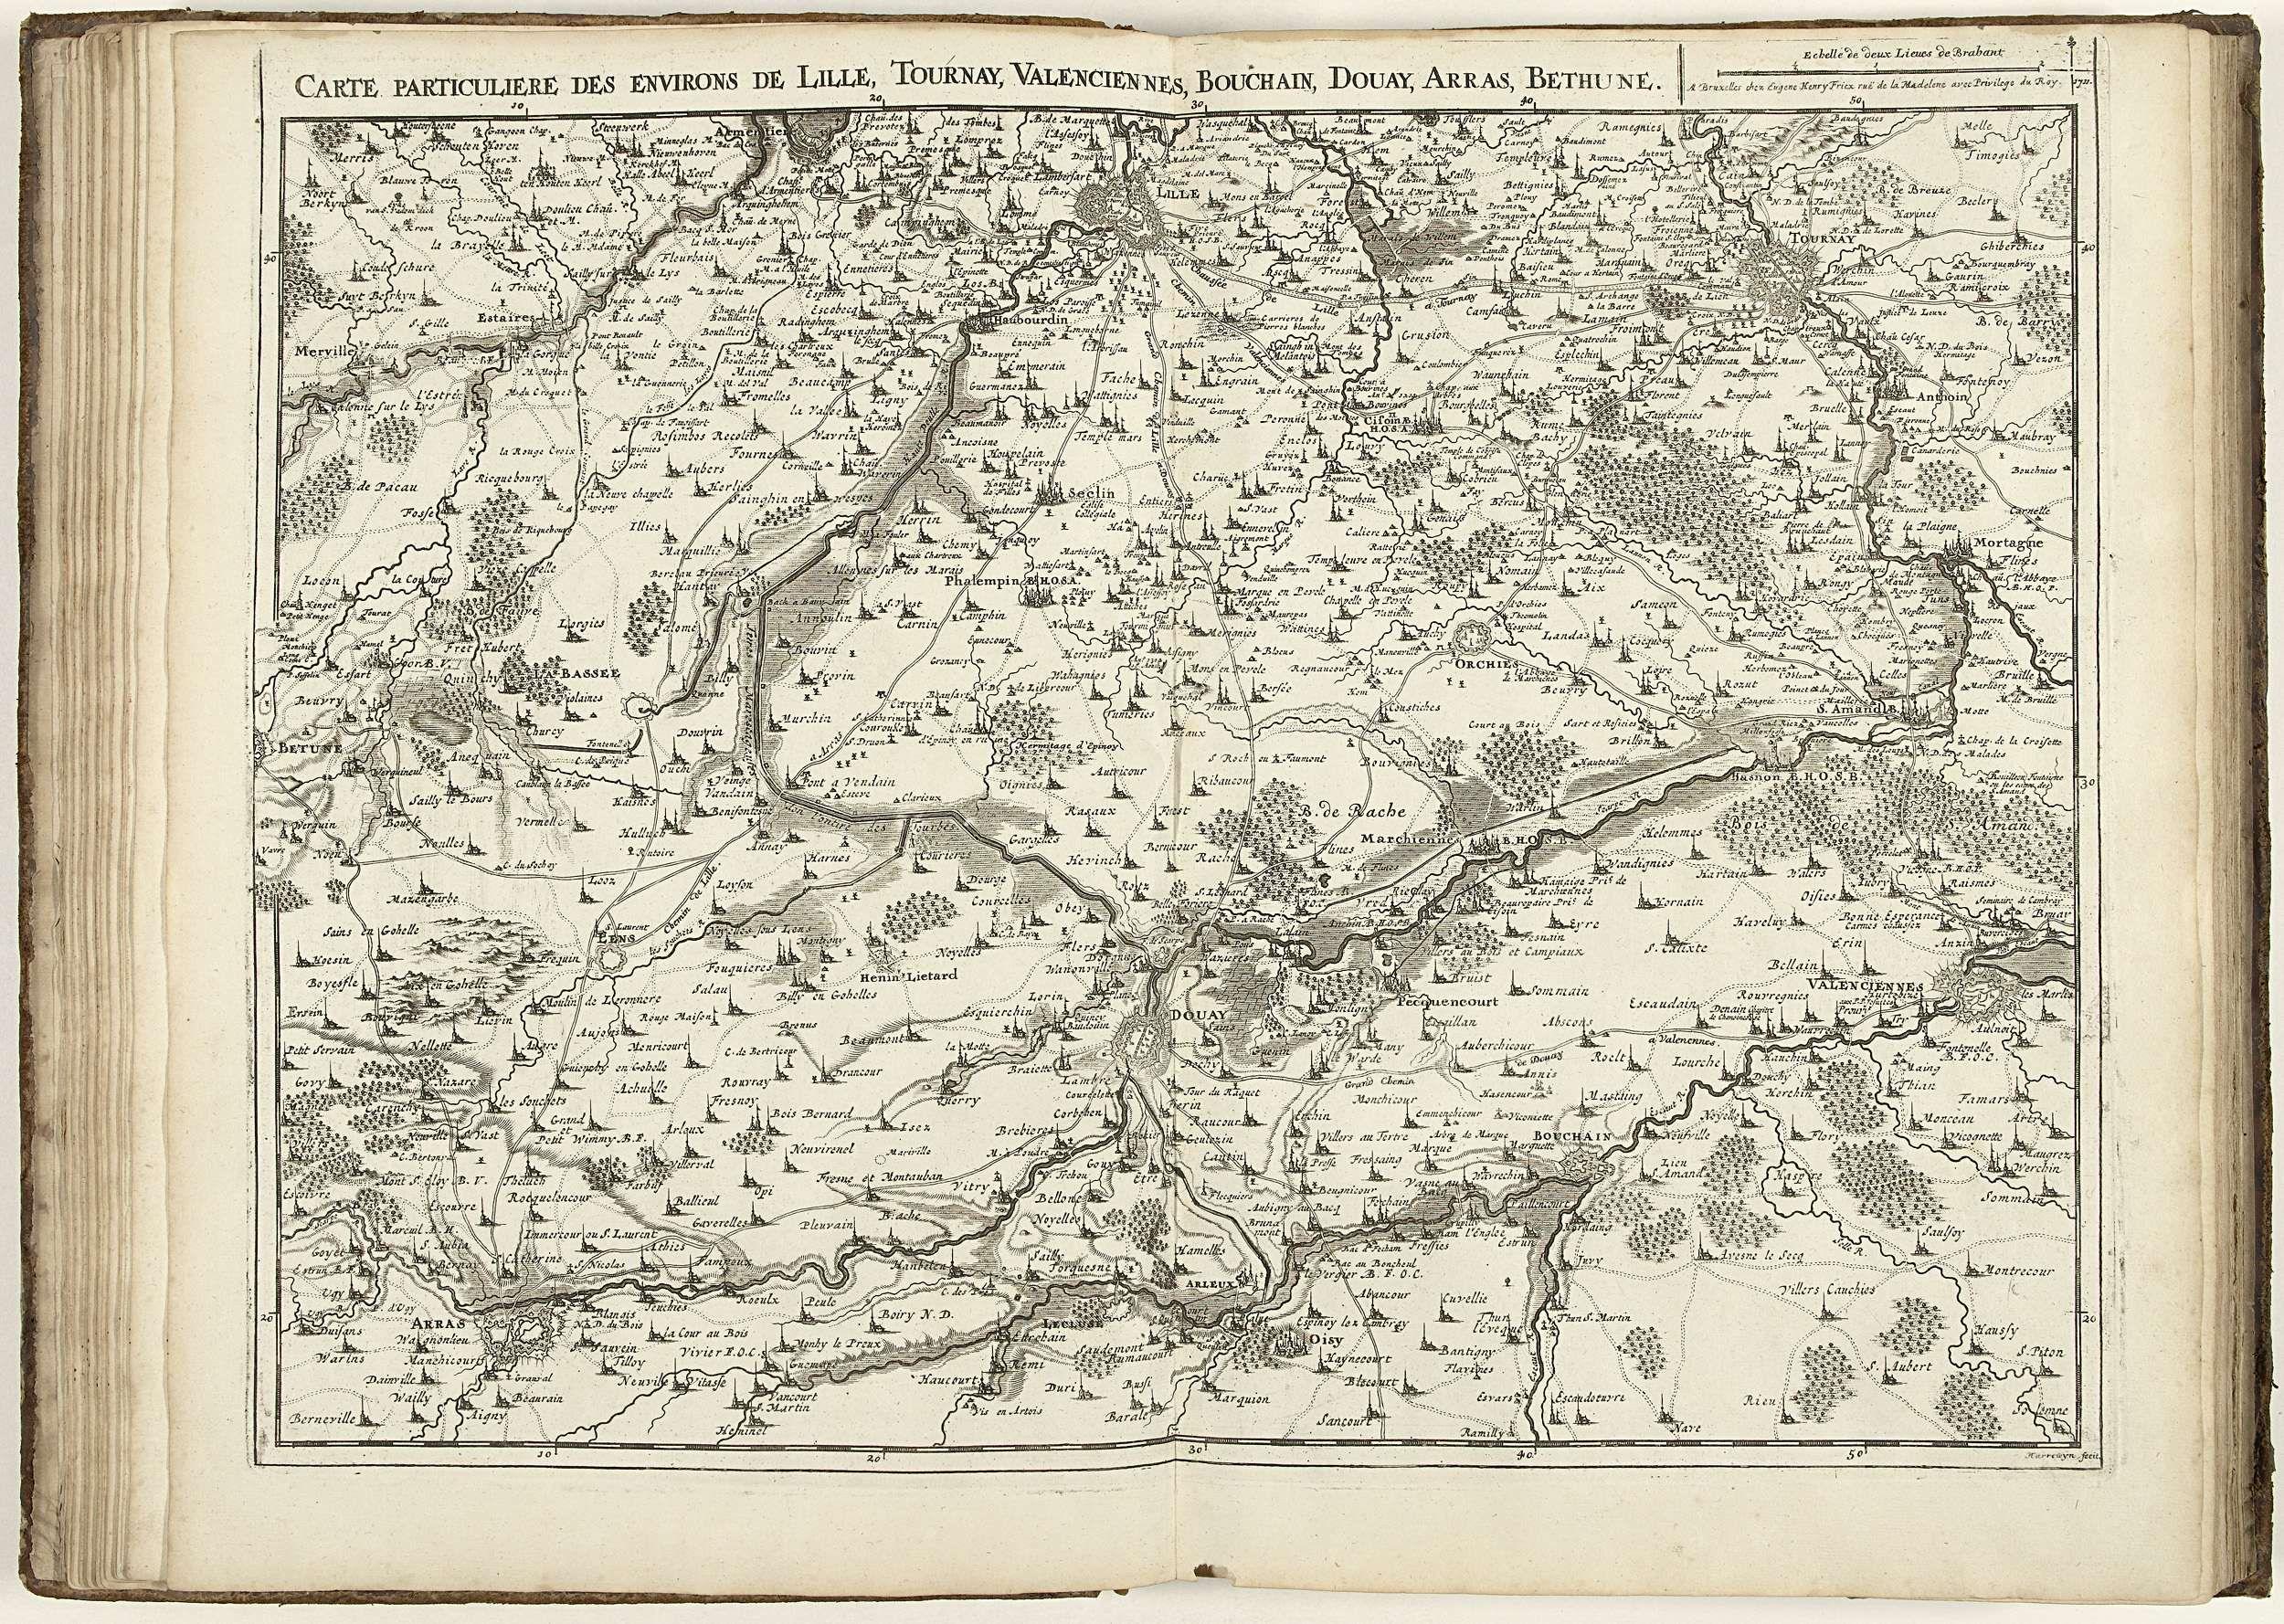 Jacobus Harrewijn   Kaart van Noord-Frankrijk, 1711, Jacobus Harrewijn, Eugene Henry Fricx, unknown, 1711   Kaart van Noord-Frankrijk met de steden Lille, Tournai, Valenciennes, Bouchain, Douai, Arras en Béthune, 1711. Onderdeel van een gebundelde verzameling van plannen van veldslagen en steden vermaard in de Spaanse Successieoorlog. Deze plaat behoort tot de eerste 24 platen die samen een zeer grote kaart van de Zuidelijke Nederlanden vormen.